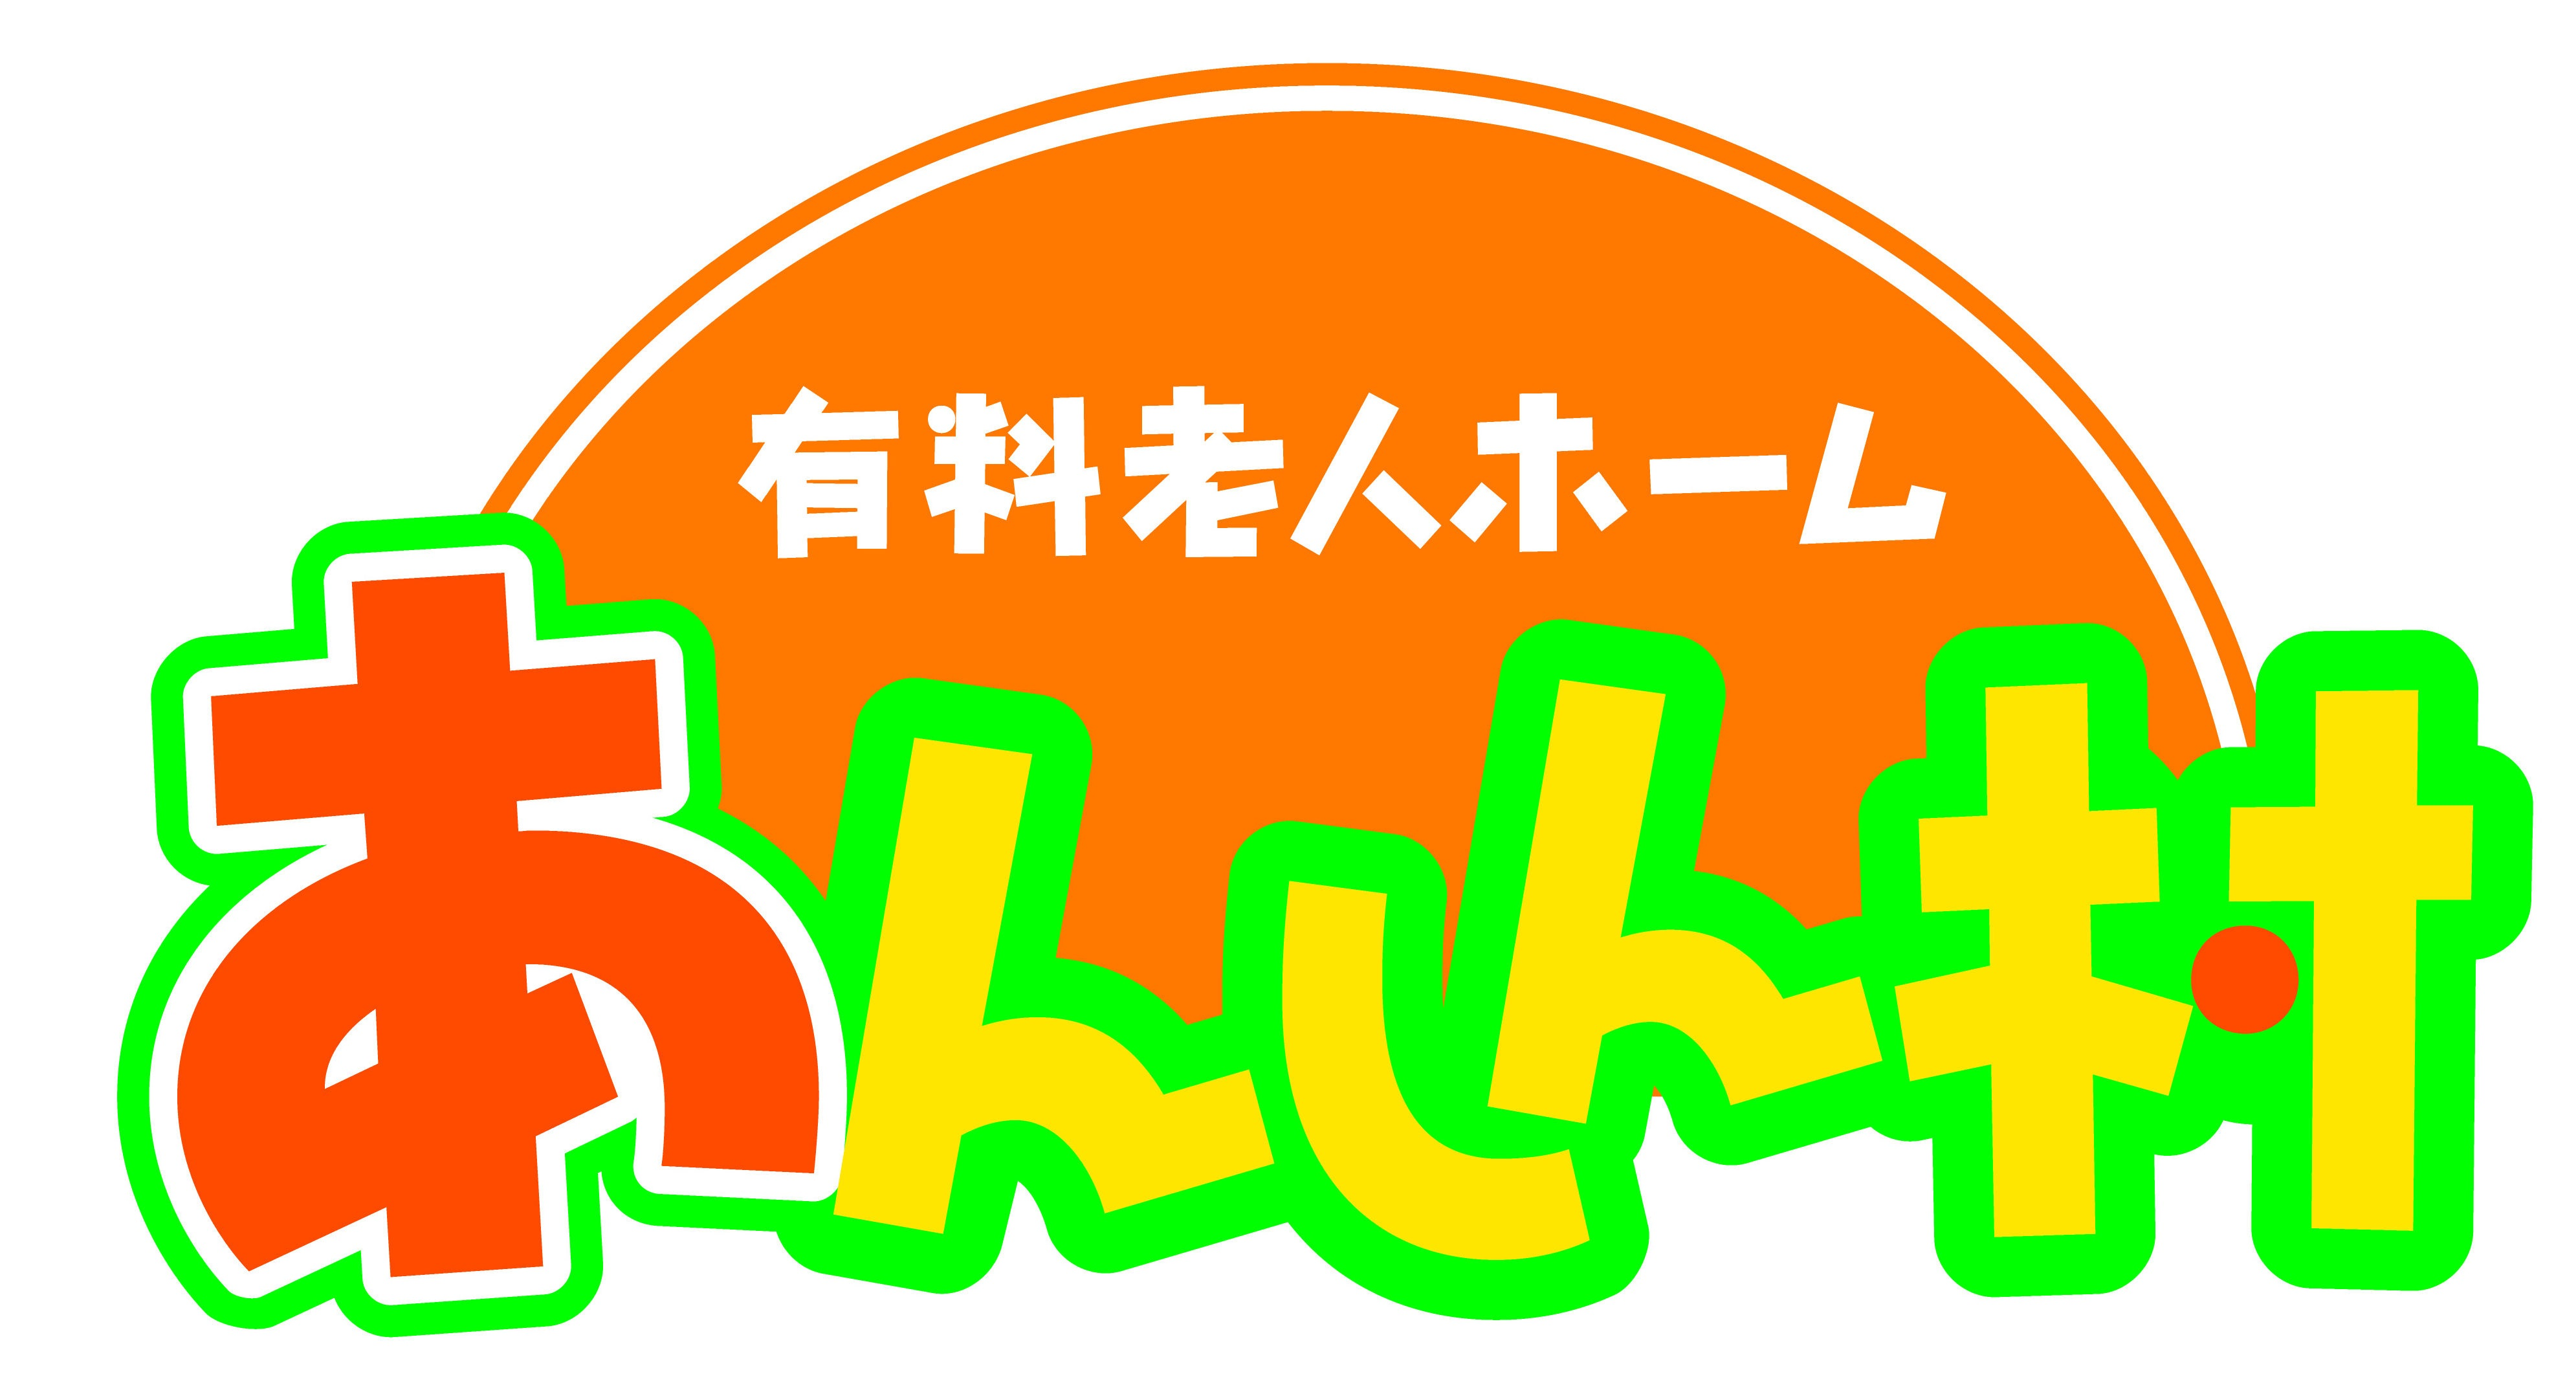 あんしん村グループは福井市北四ツ居で、終身介護付の有料老人ホームあんしん村と、円山地区の方向けあんのんデイサービス、車いすOKあんしん村介護タクシーを運営しています。